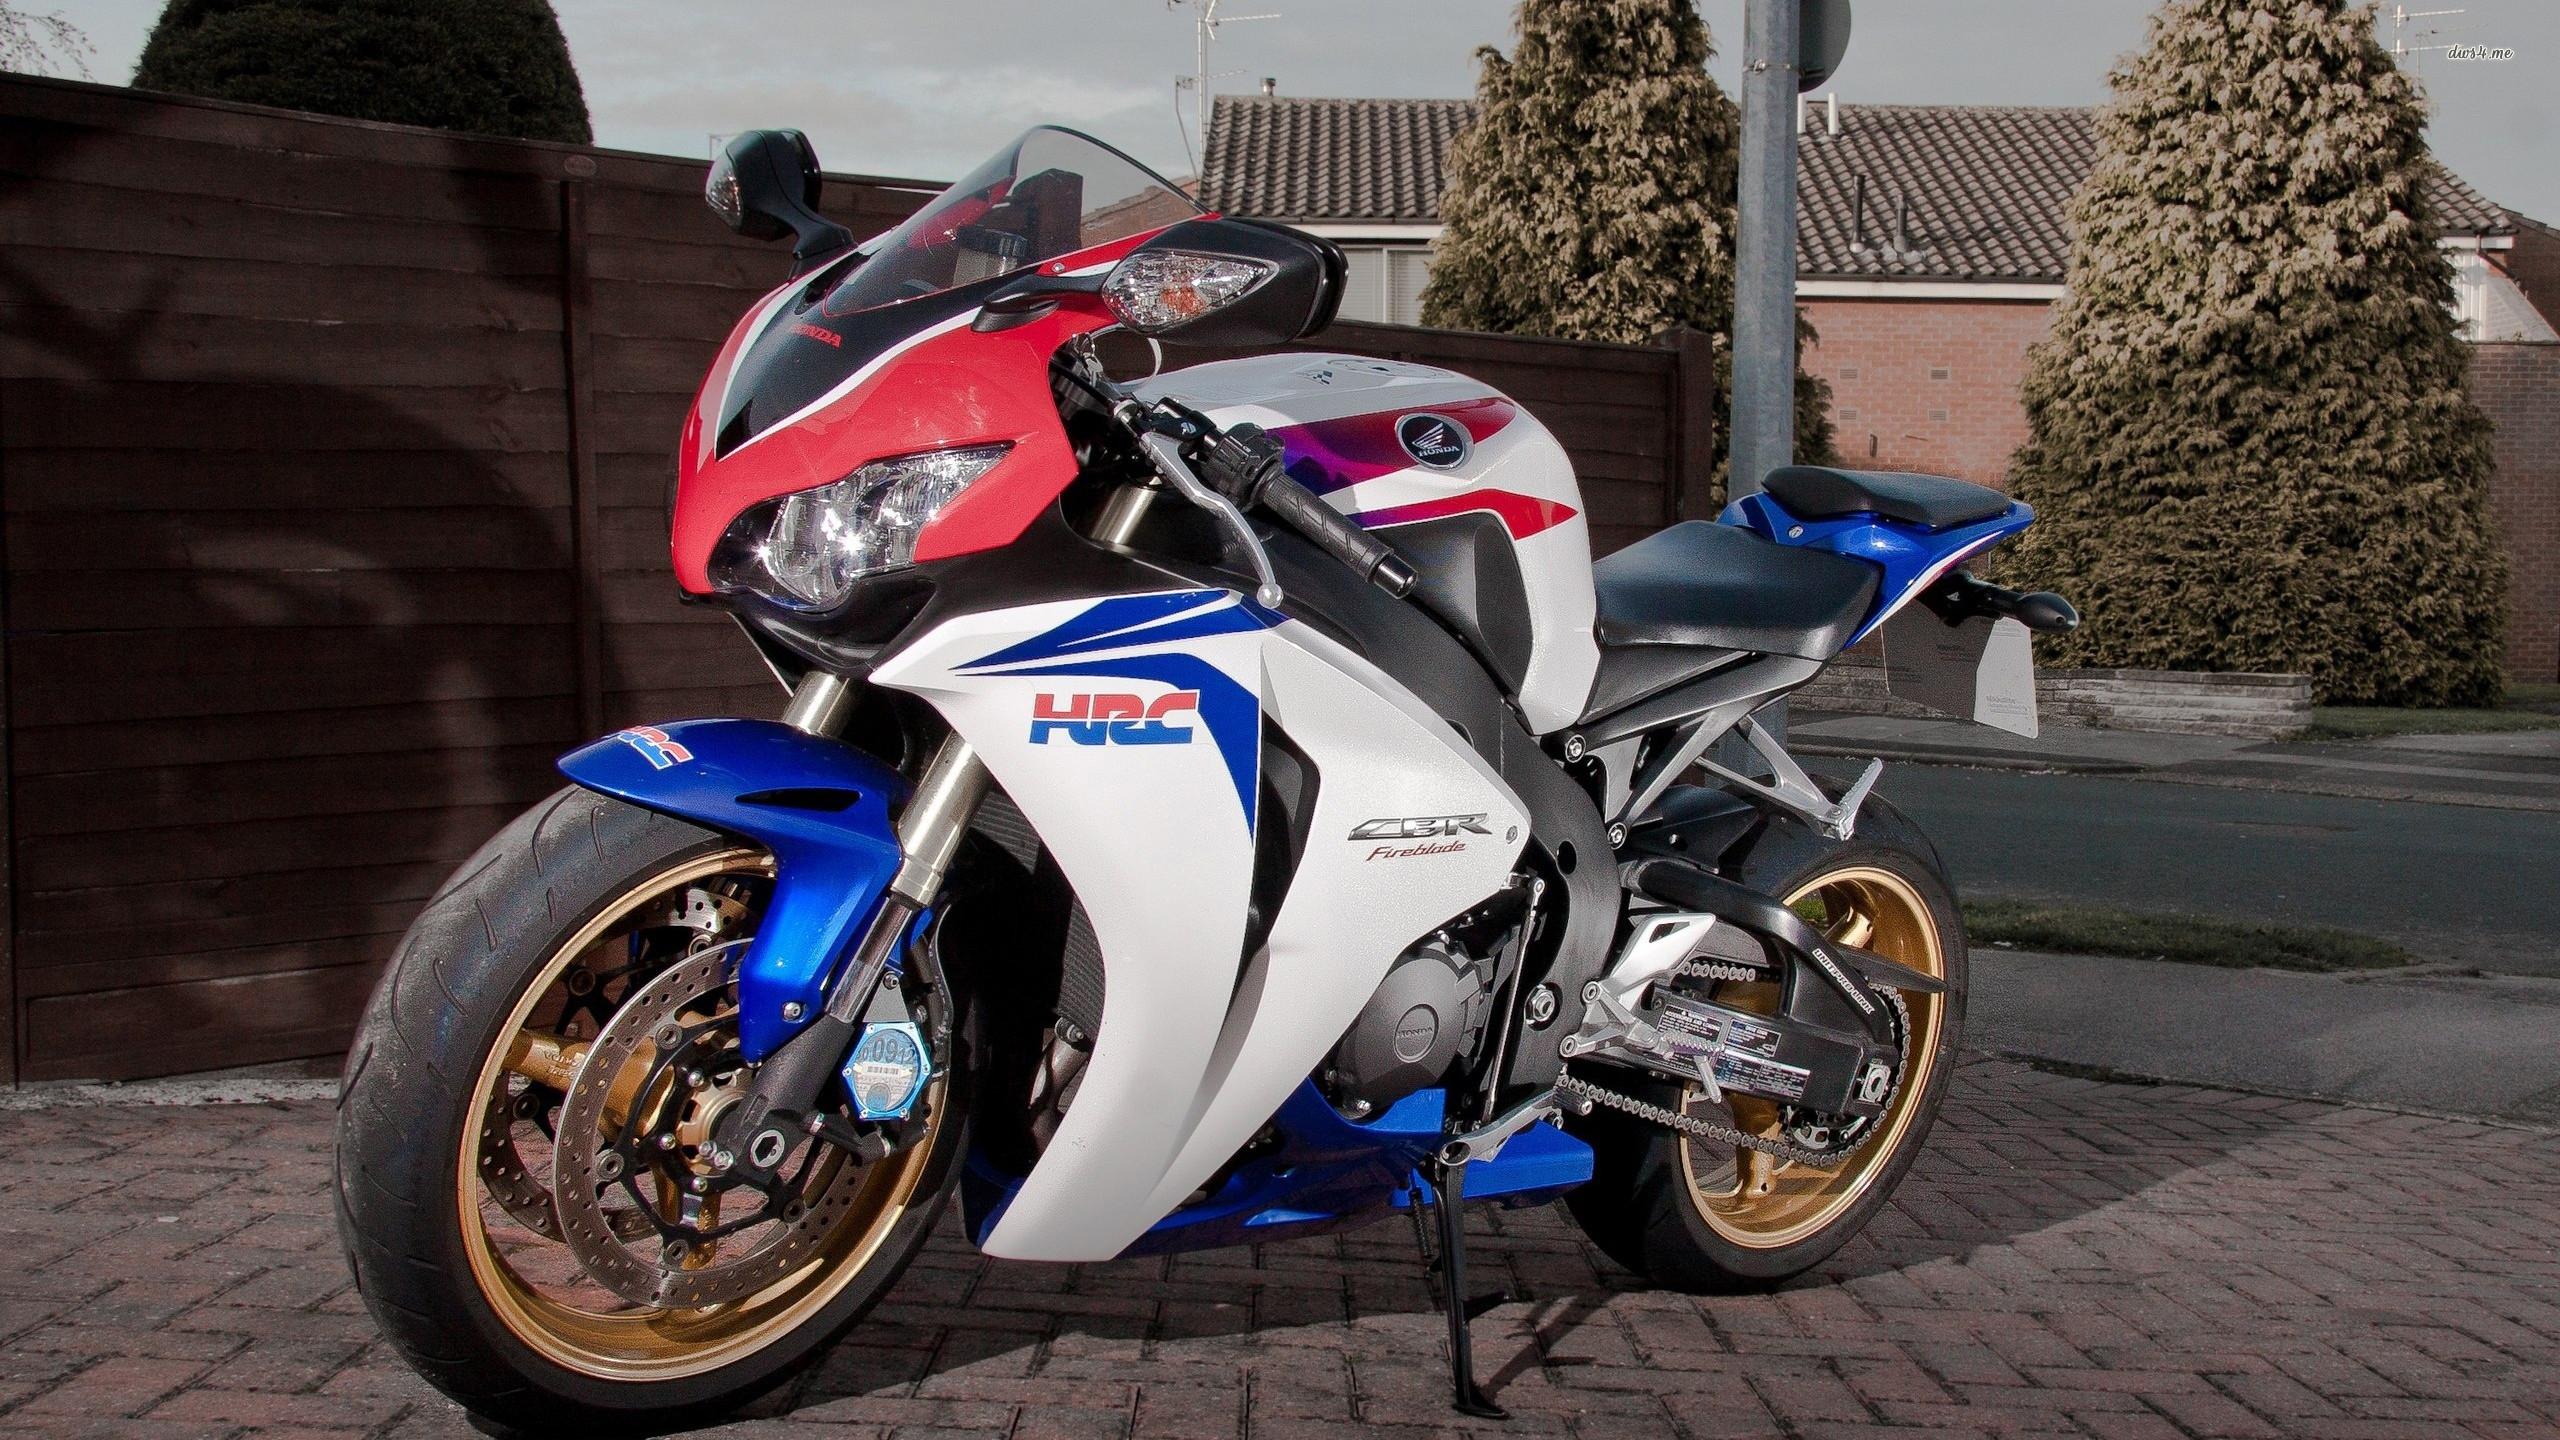 Res: 2560x1440, ... Honda CBR1000RR wallpaper  ...